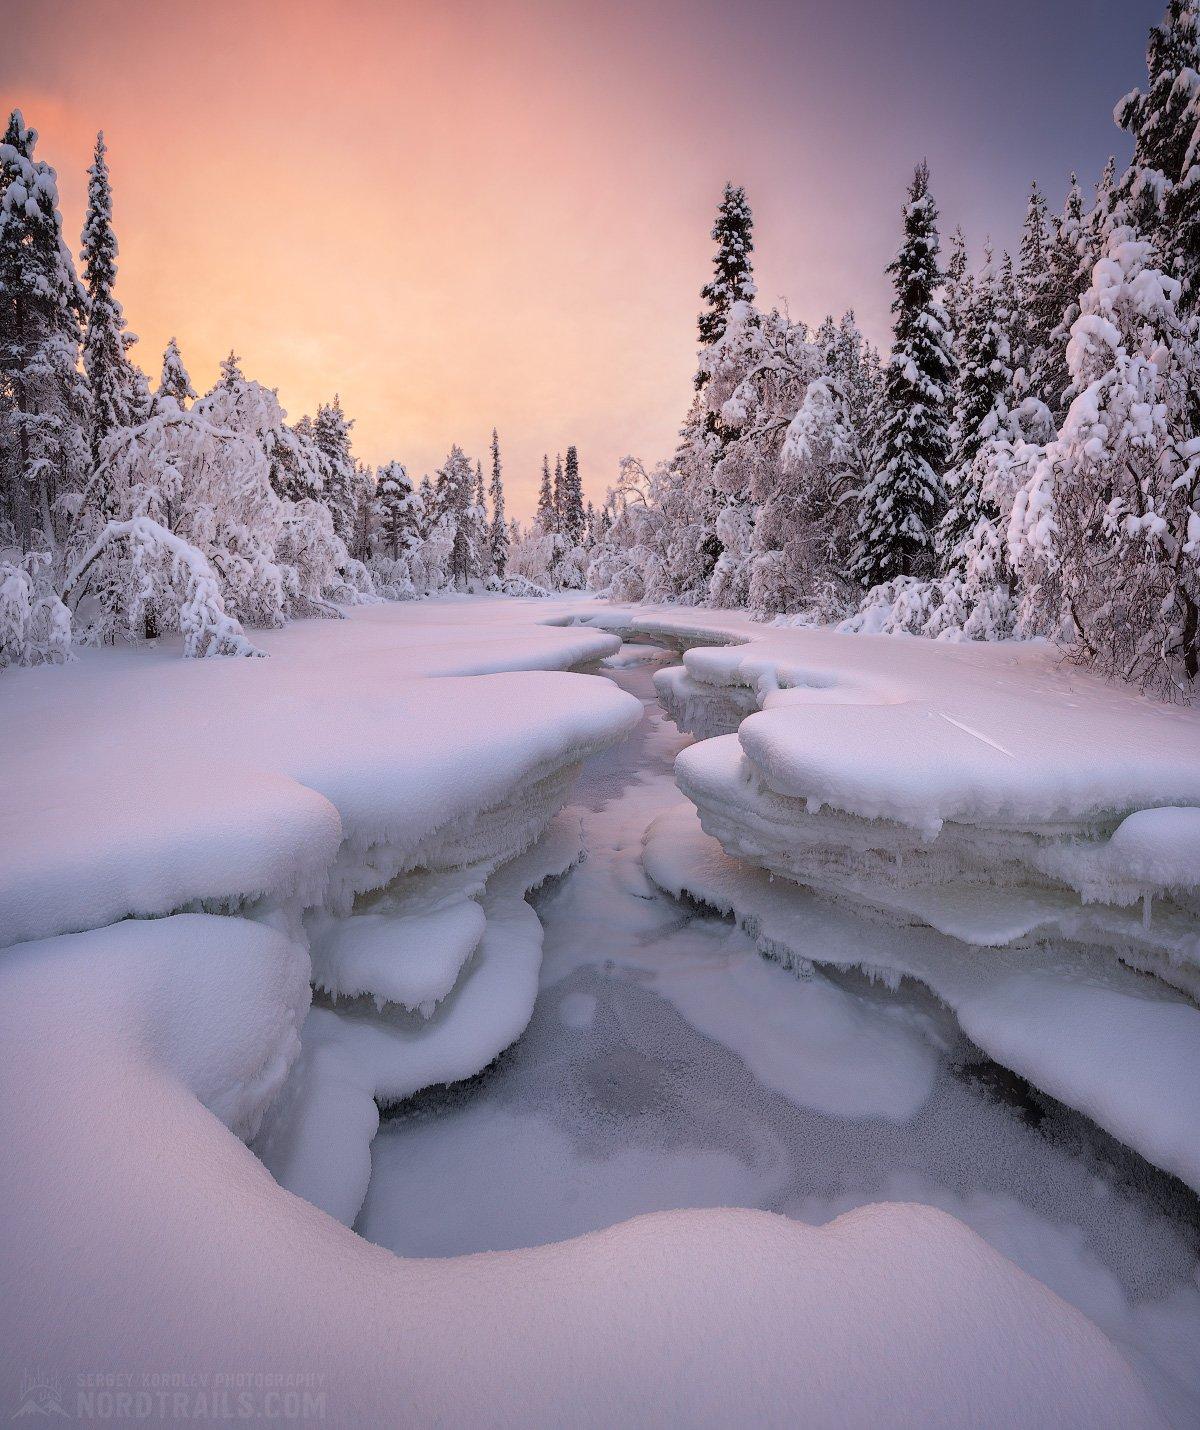 кольский, кольский полуостров, зима, winter, snow, north, Королев Сергей